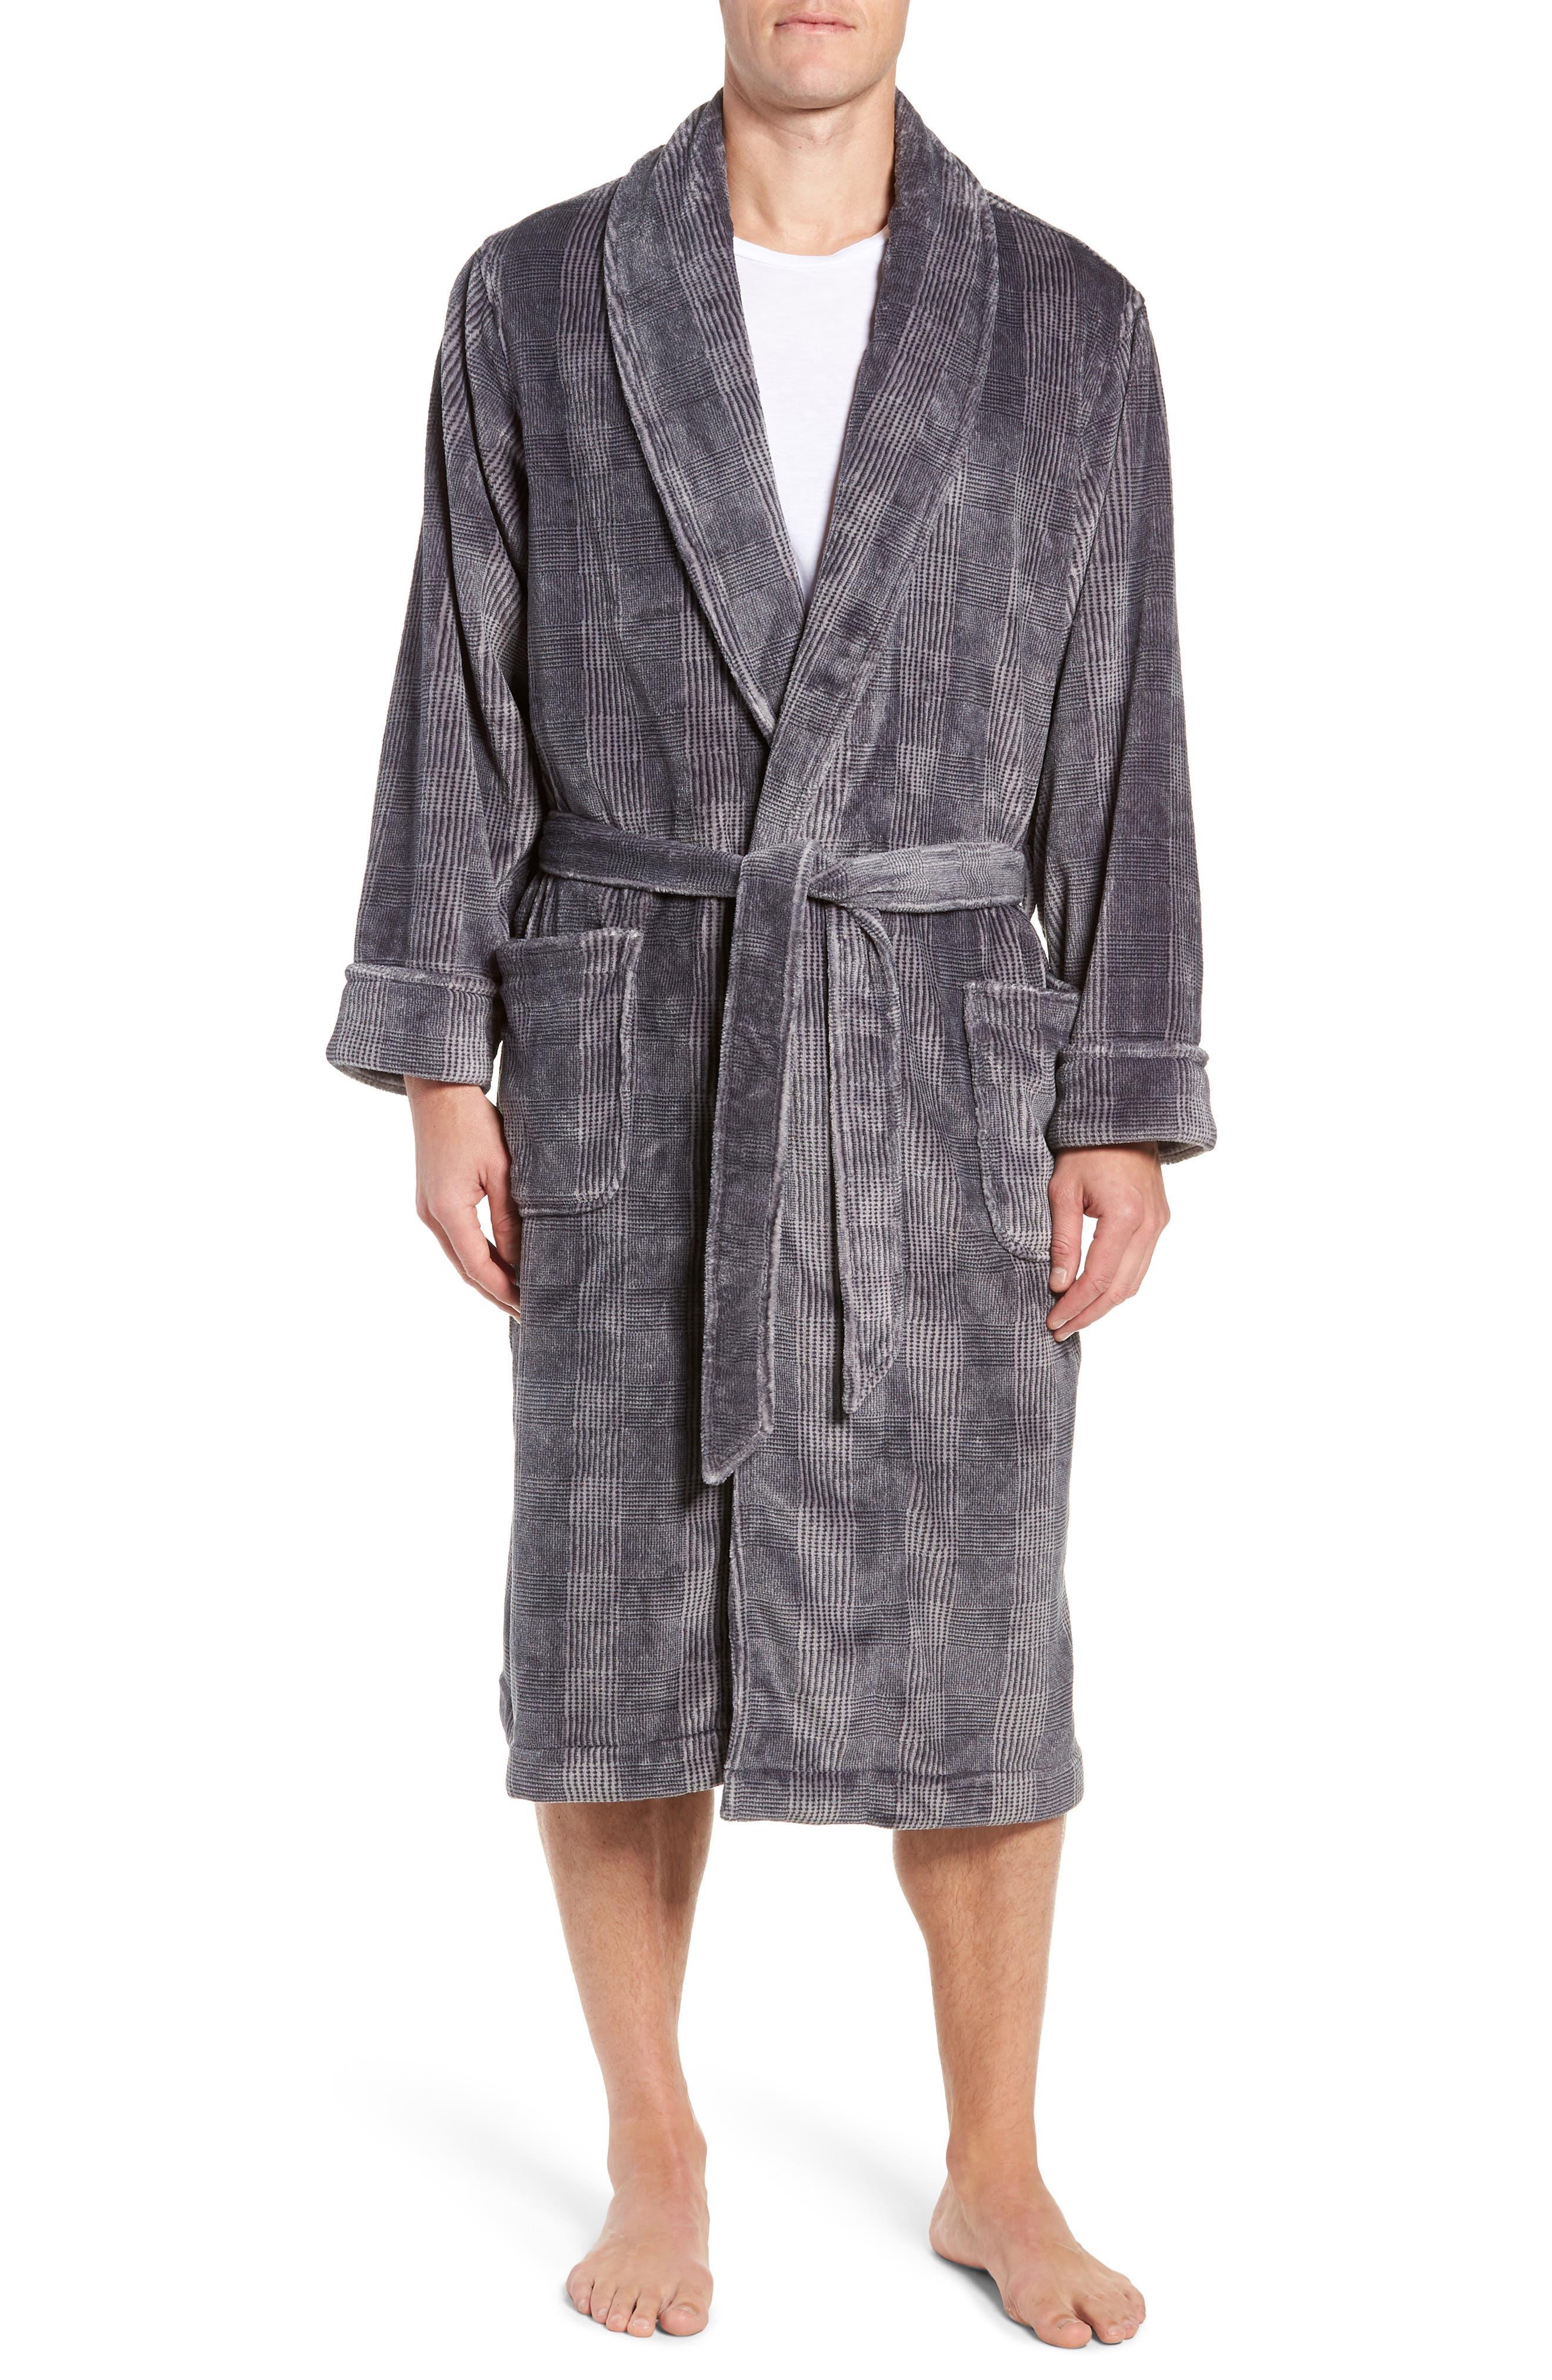 Glen Check Fleece Robe,                         Main,                         color, BLACK - CHARCOAL GLEN CHECK